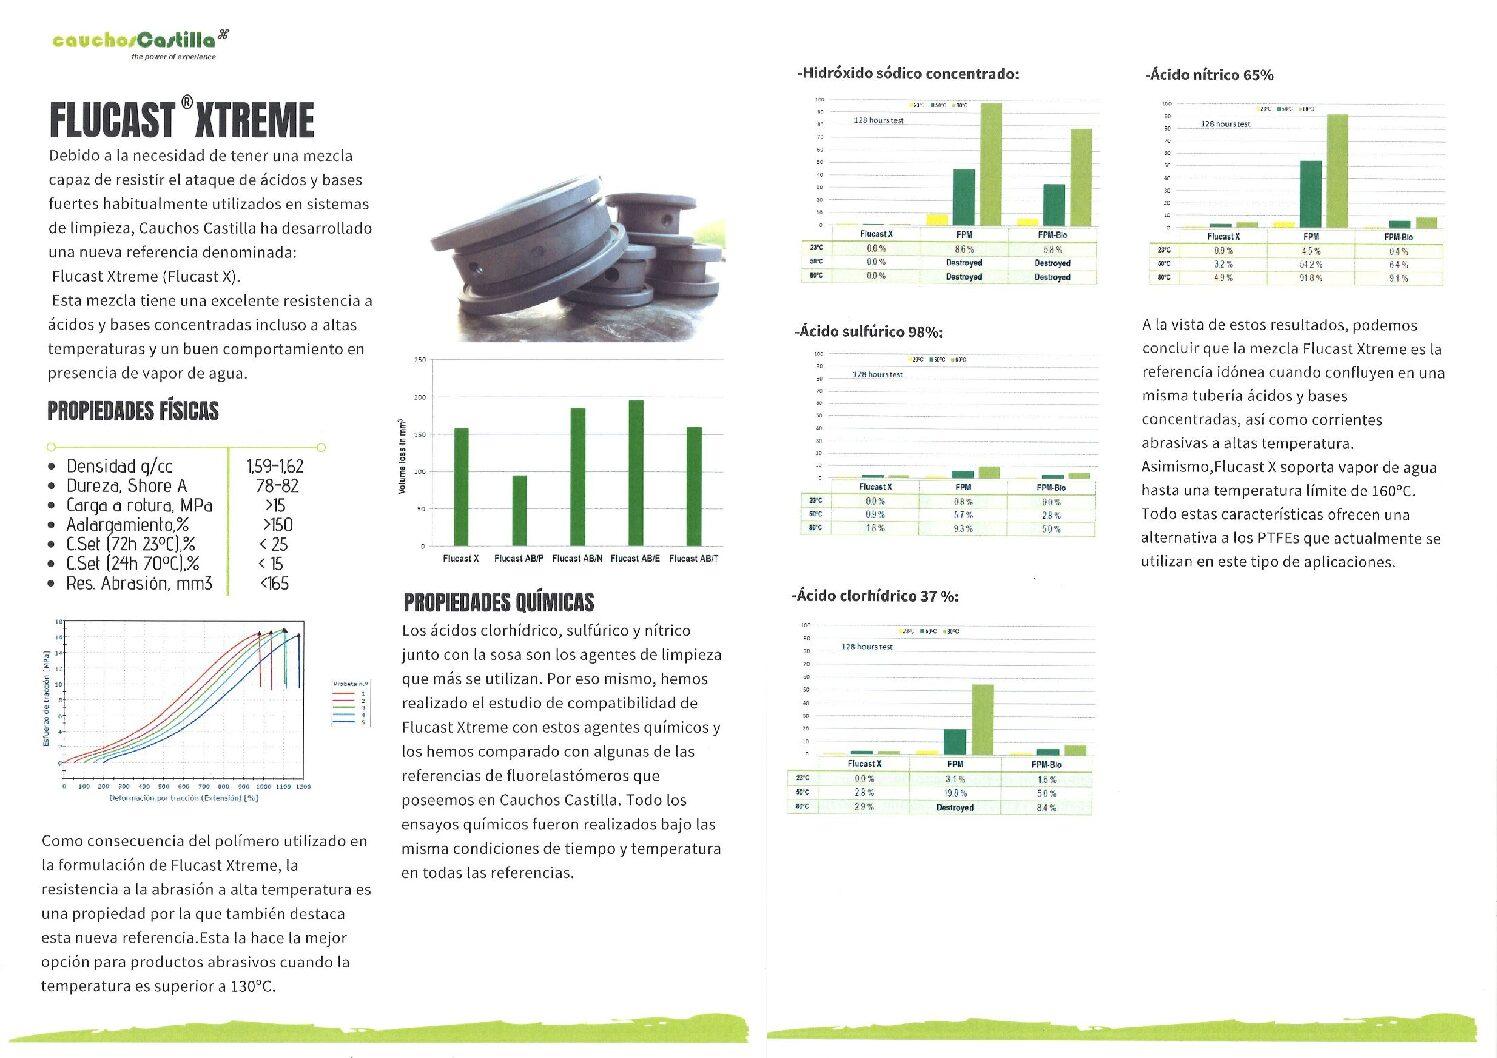 FLUCAST XTREME. Nueva mezcla de caucho para ácidos y bases concentradas a altas temperaturas